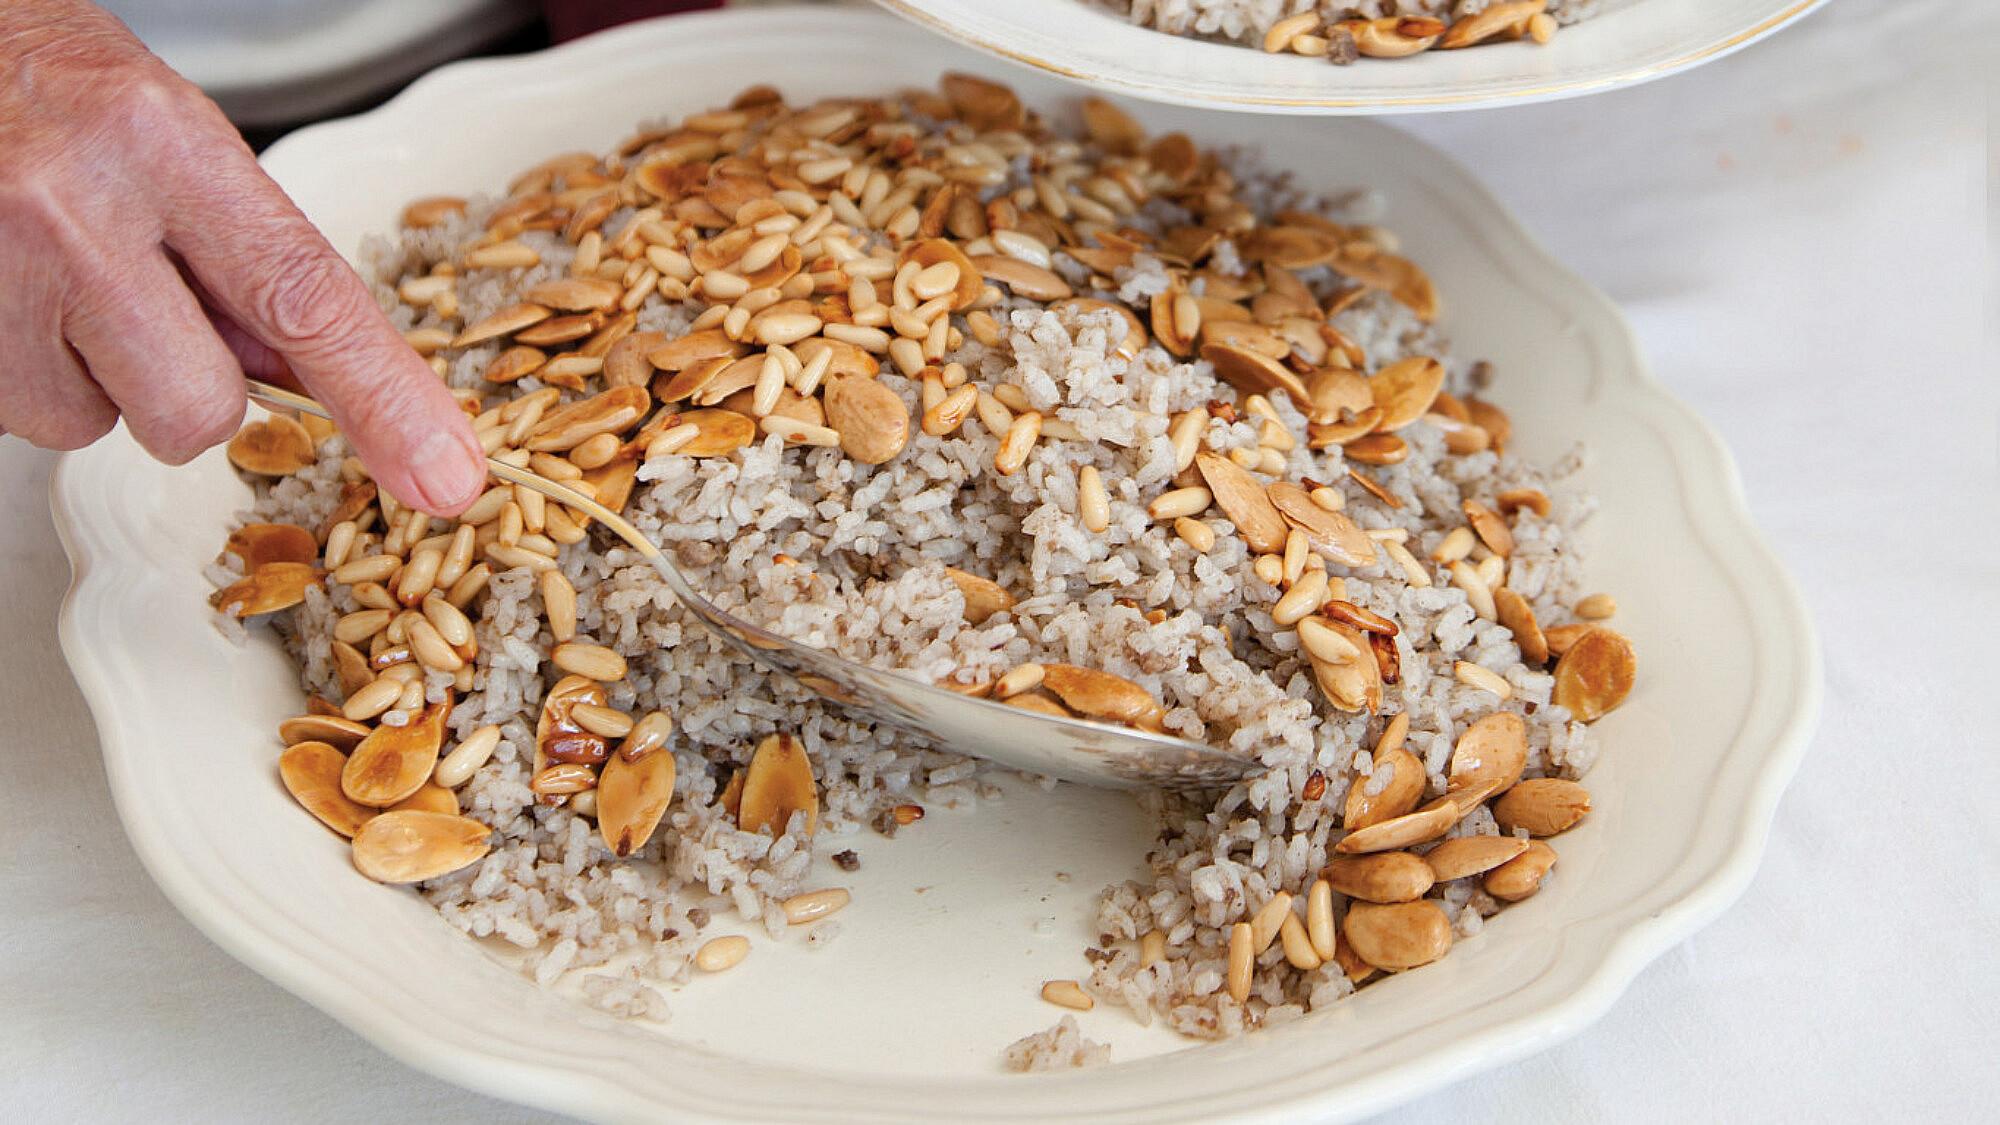 אורז עם בשר (ריז-טַטְבּיאַה) של אביגאל כהן (צילום: דניאל לילה)